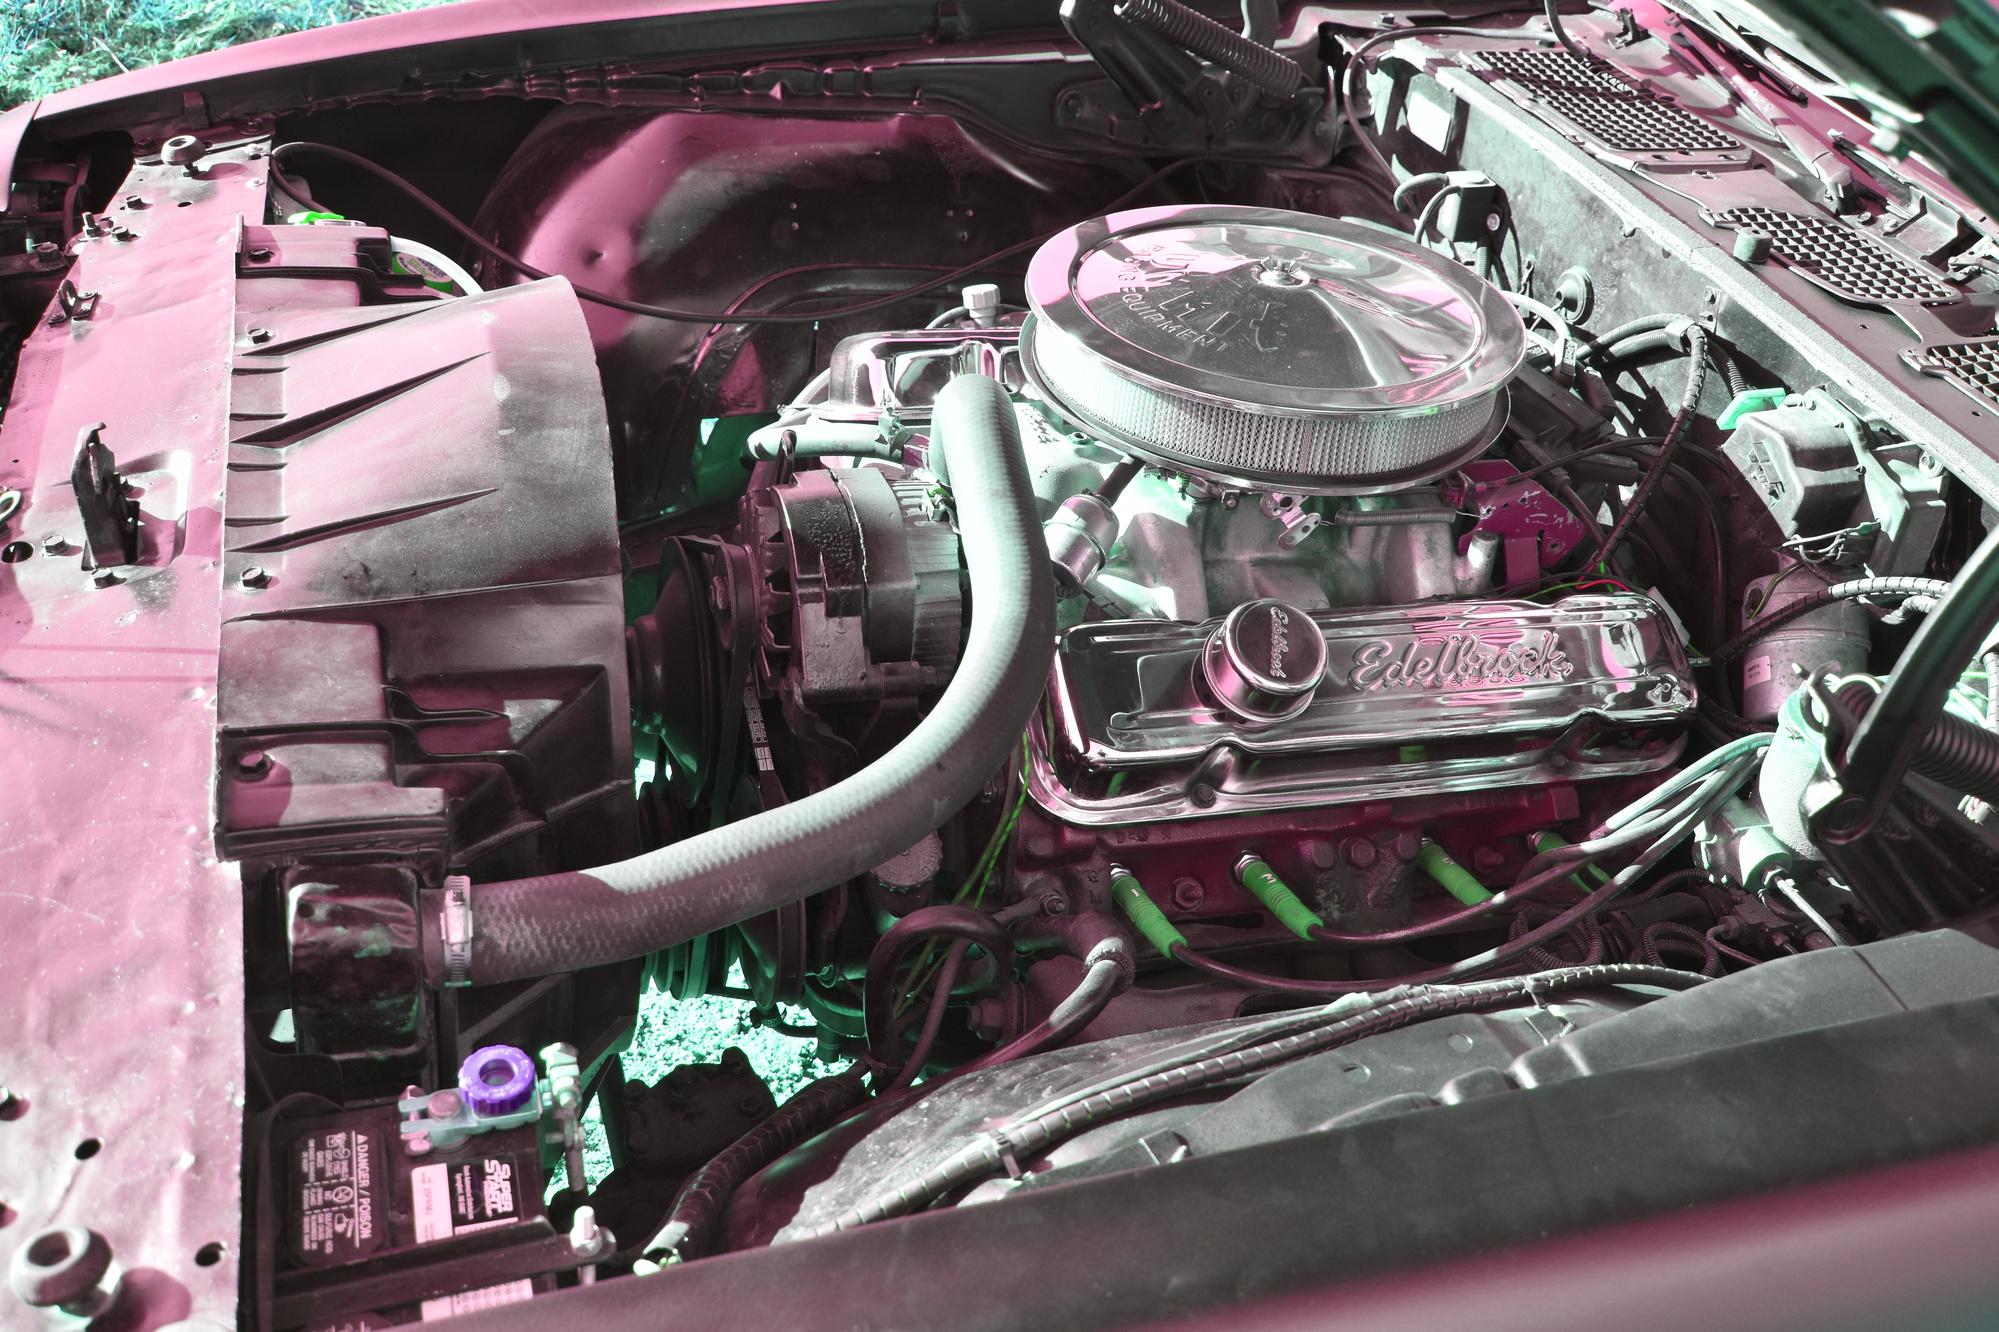 Motor eines 1970 Pontiac Firebird Esprit Formula 350 5.7 Liter oldtimer